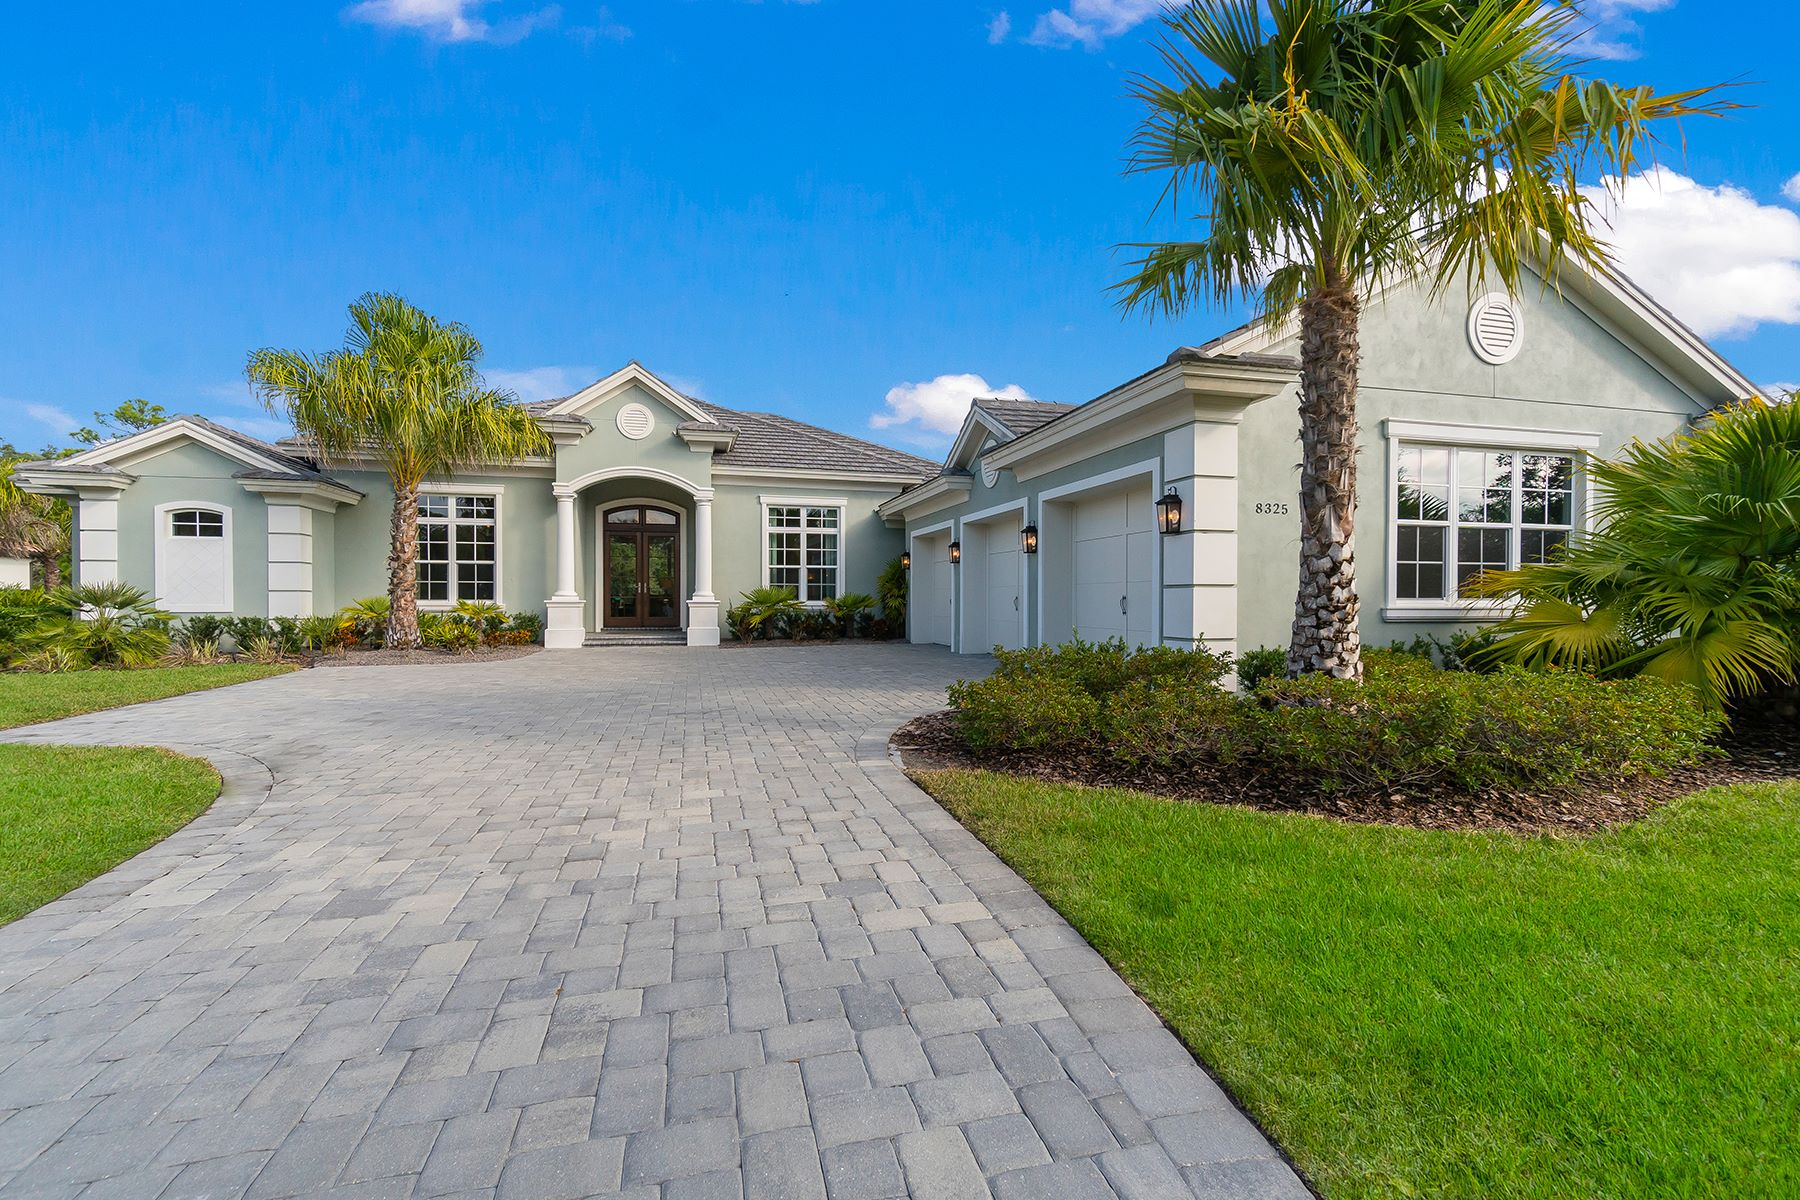 Maison unifamiliale pour l Vente à CONCESSION 8325 Lindrick Ln Lakewood Ranch, Florida, 34202 États-Unis